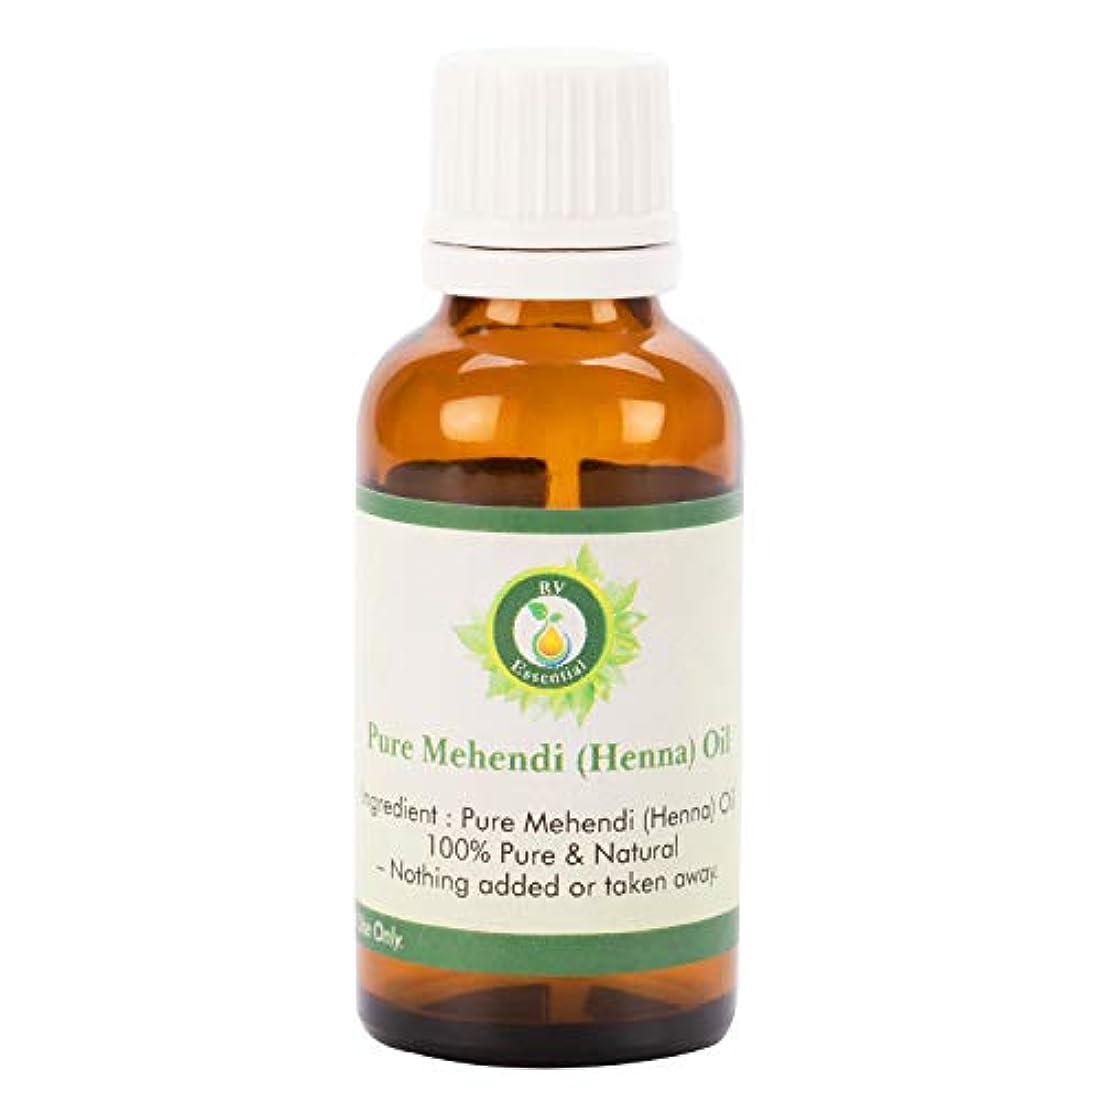 不名誉タンク有名ピュアMehendi(ヘナ)オイル100ml (3.38oz)- (100%純粋でナチュラル) Pure Mehendi (Henna) Oil